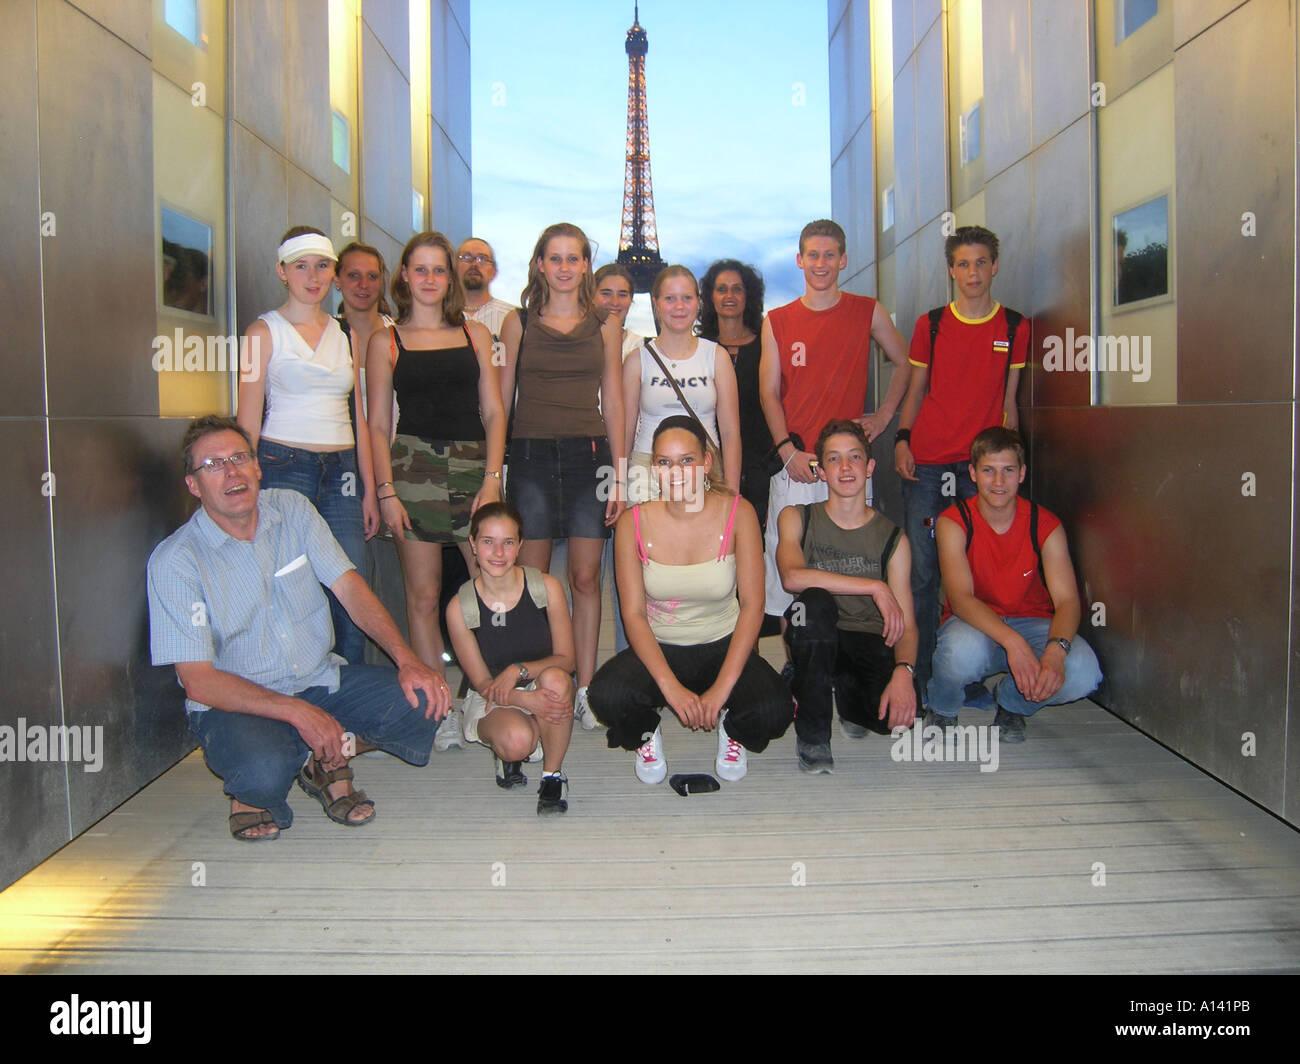 snapshot of school group at Monument de la Paix with Eiffel Tower Paris France - Stock Image